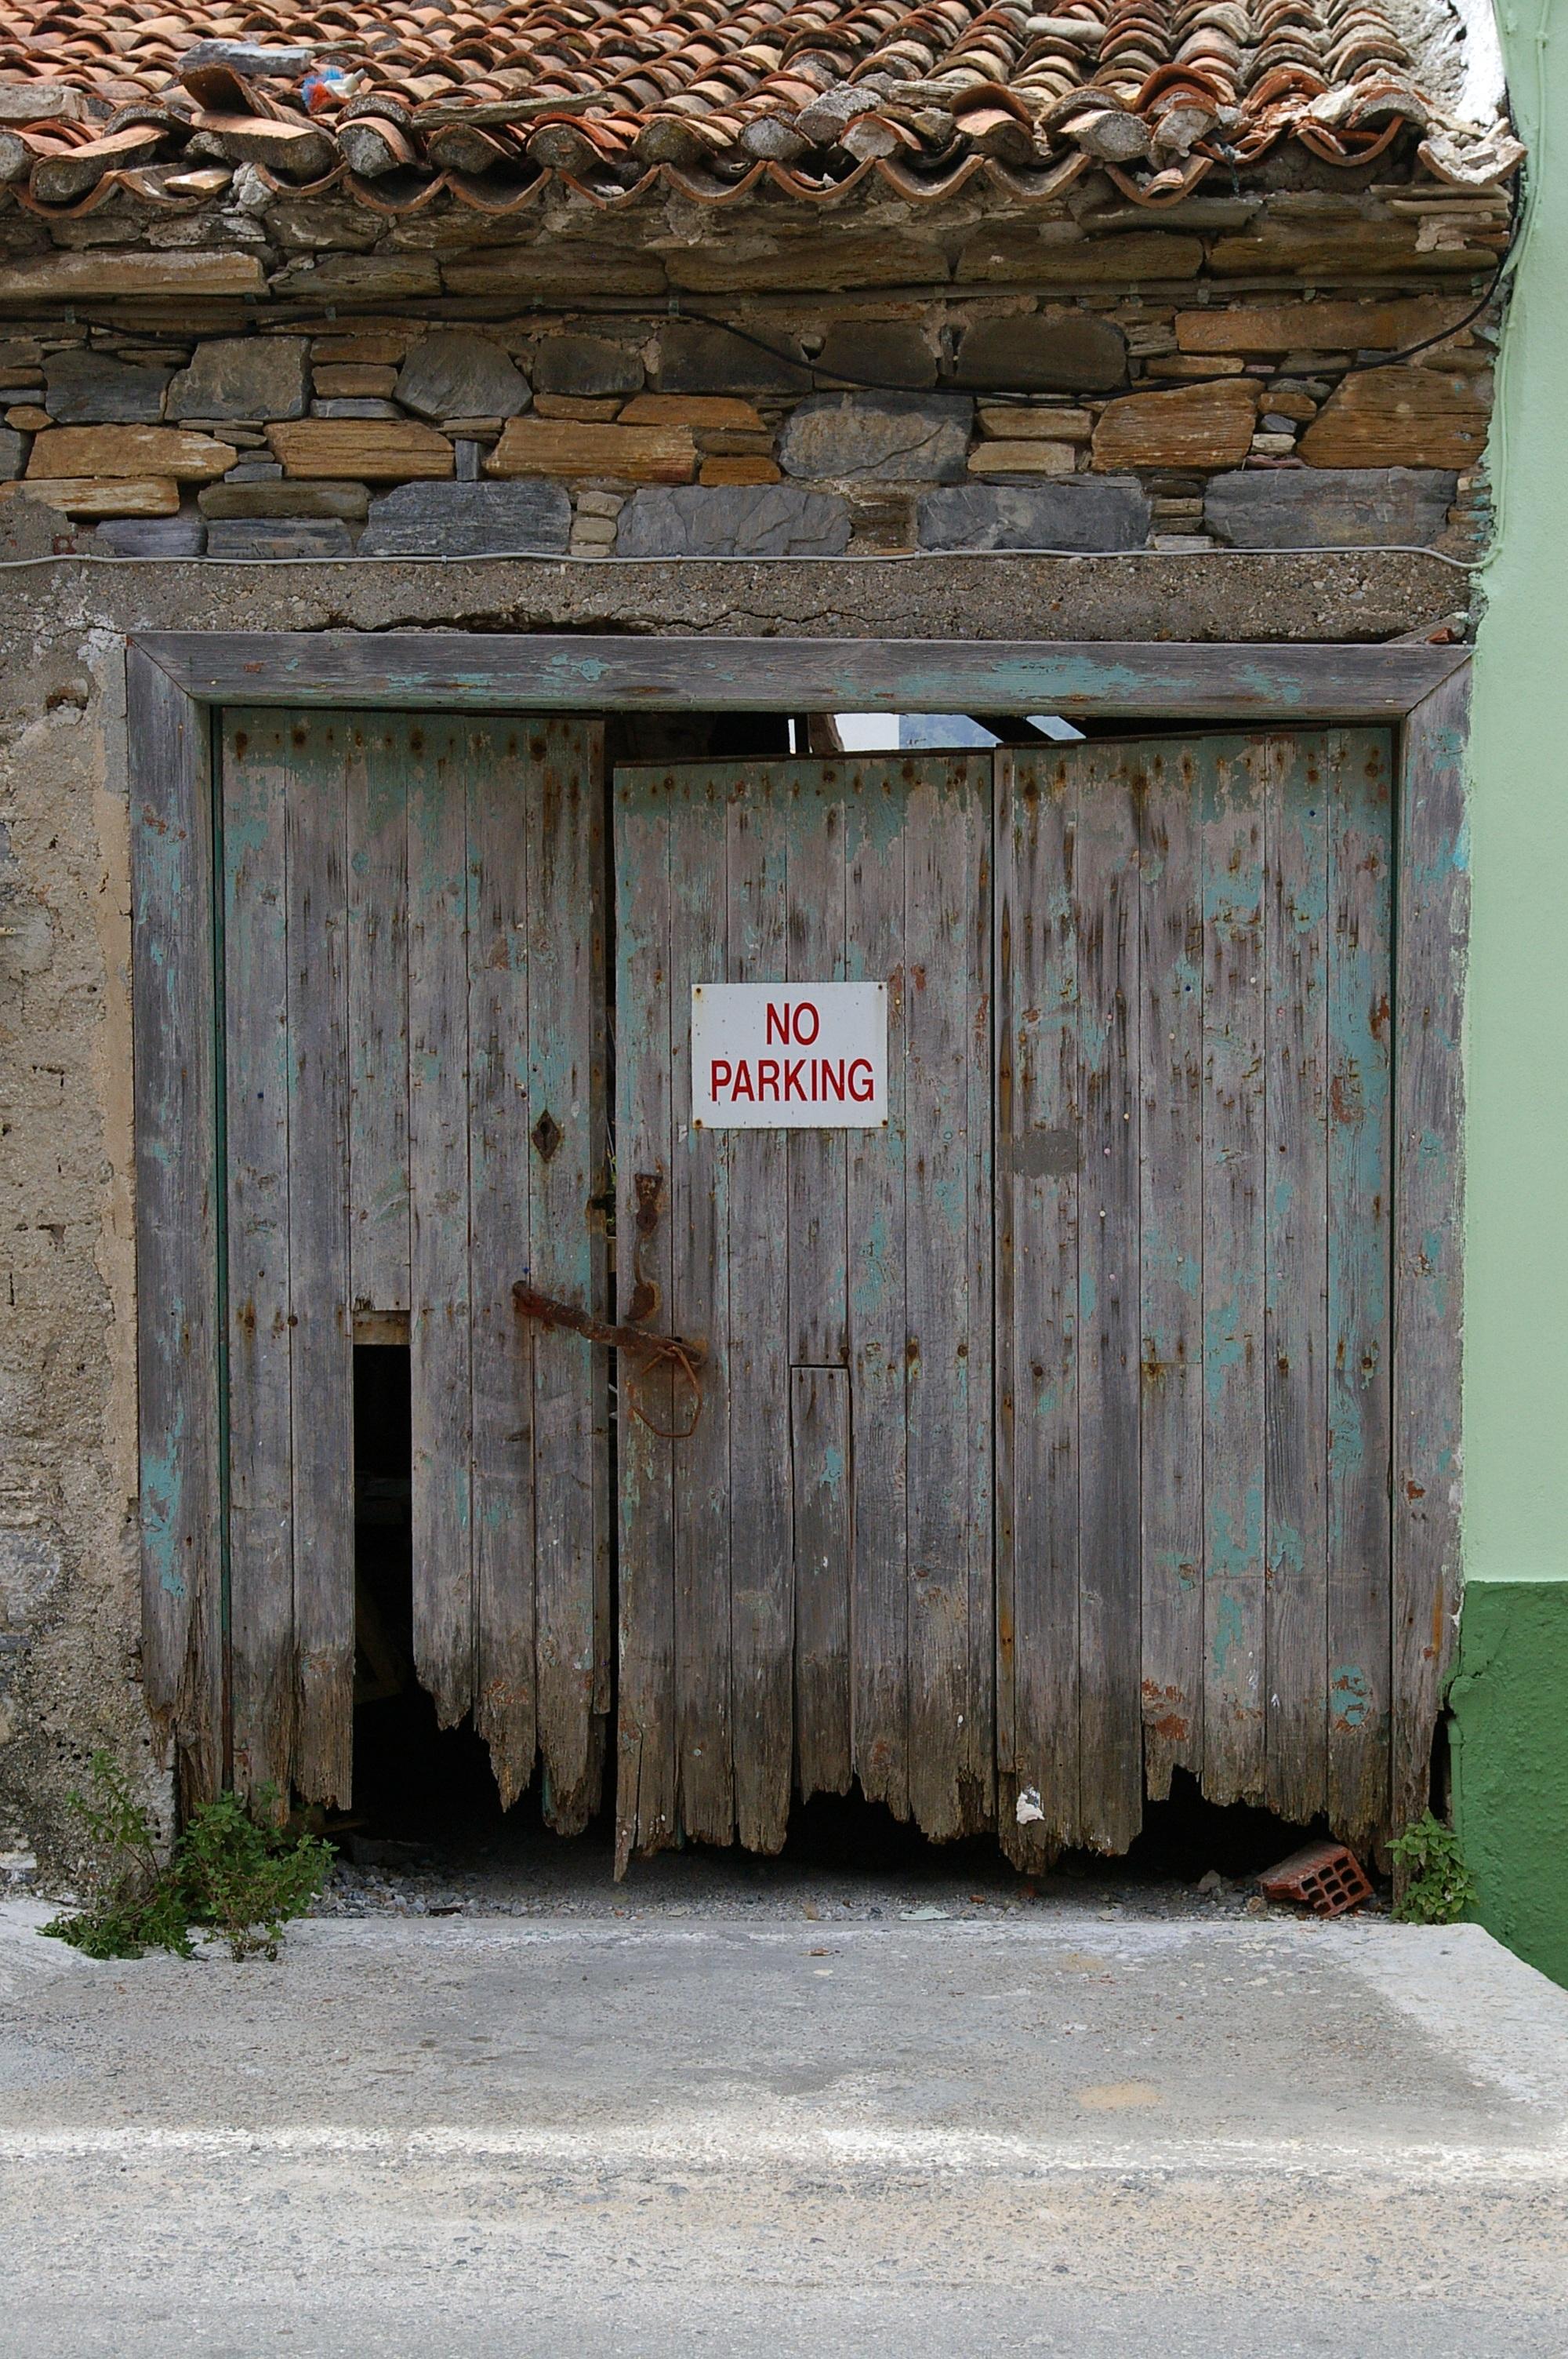 무료 이미지 : 목재, 건물, 늙은, 벽, 오두막집, 지중해, 부식 ...